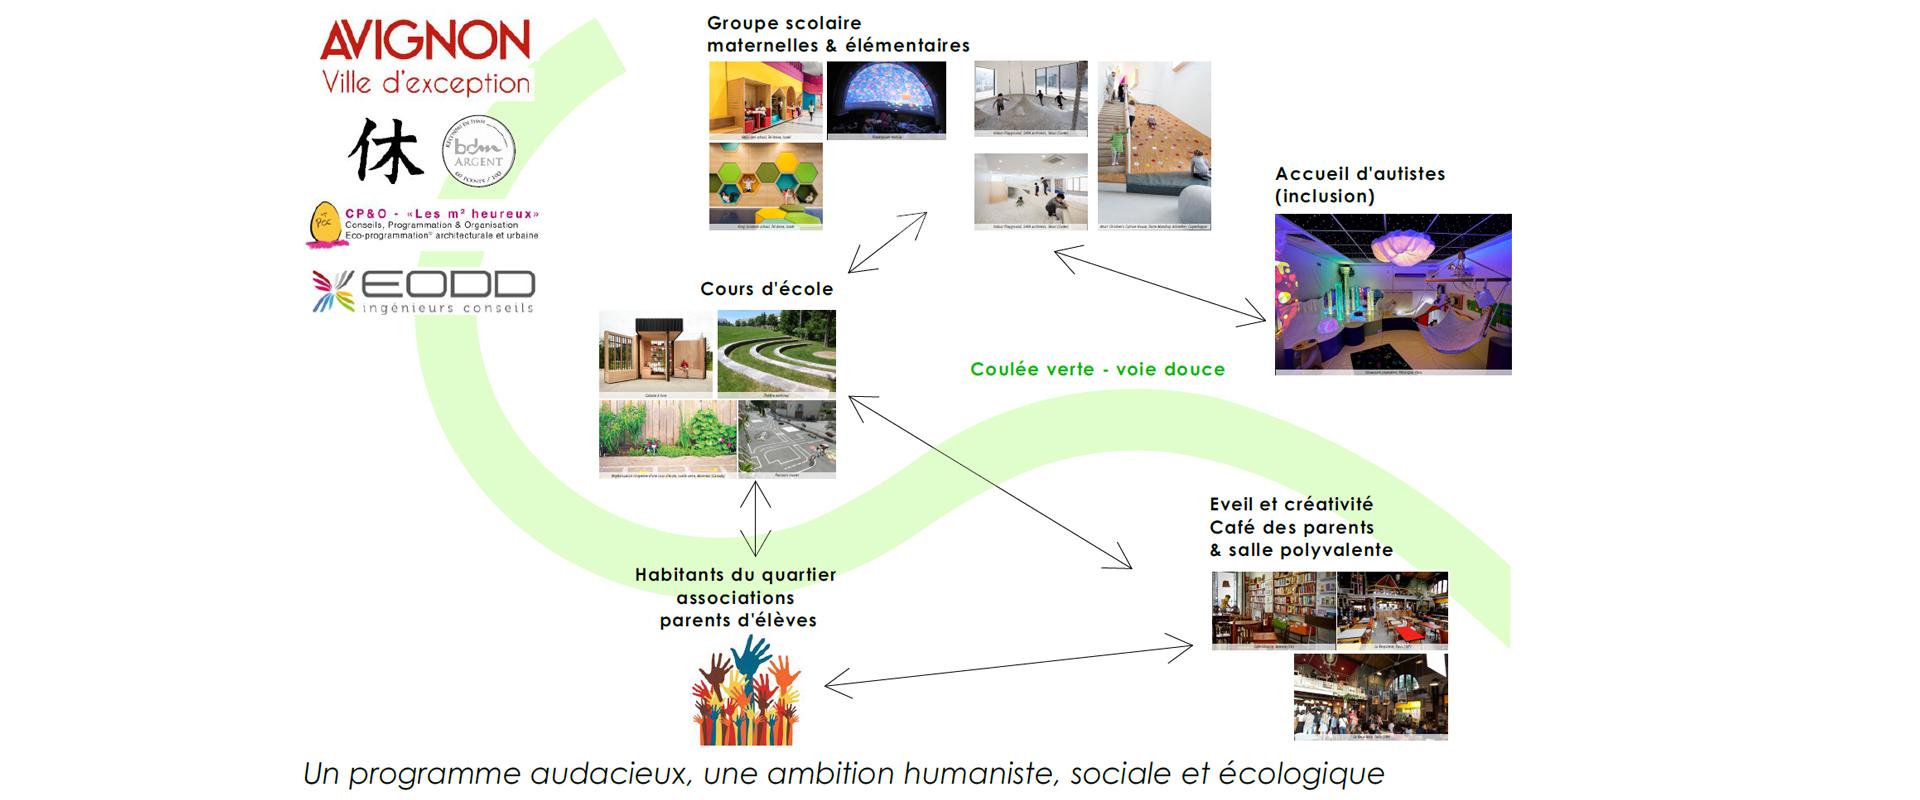 Fondamentaux du programme groupe scolaire Joly Jean Avignon